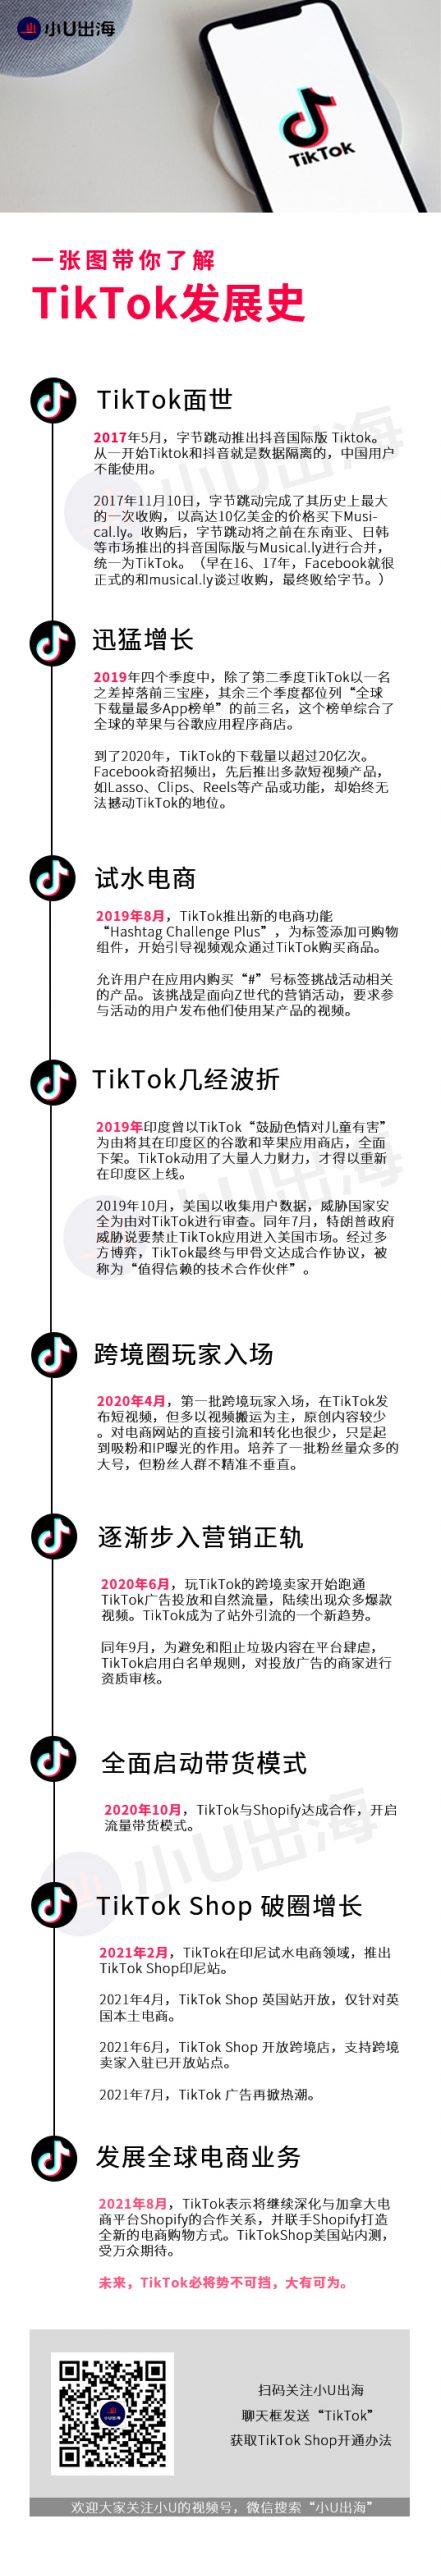 TikTok发展史